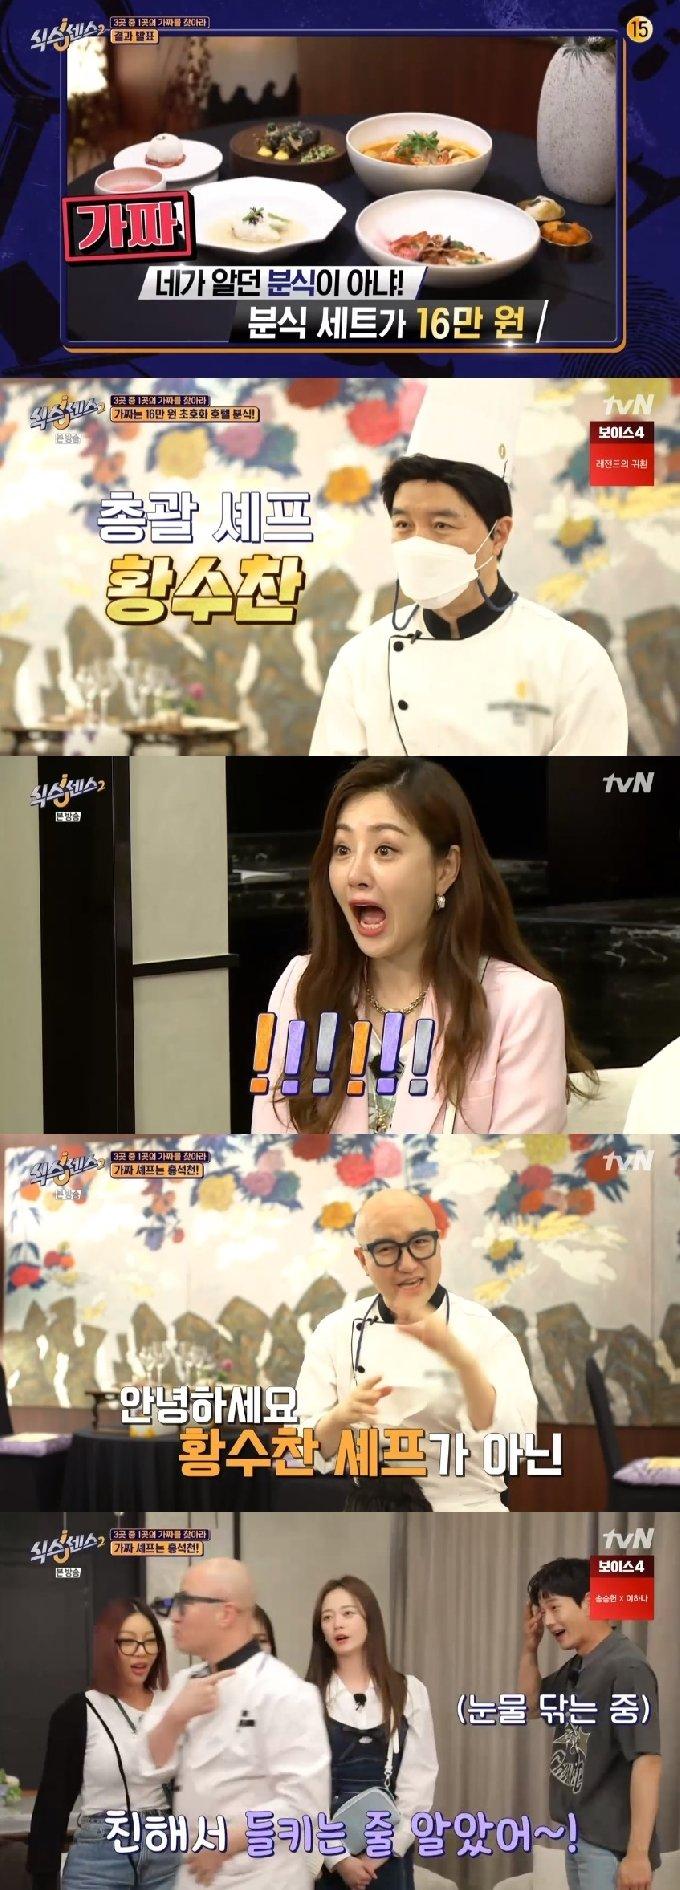 tvN '식스센스2' 캡처 © 뉴스1